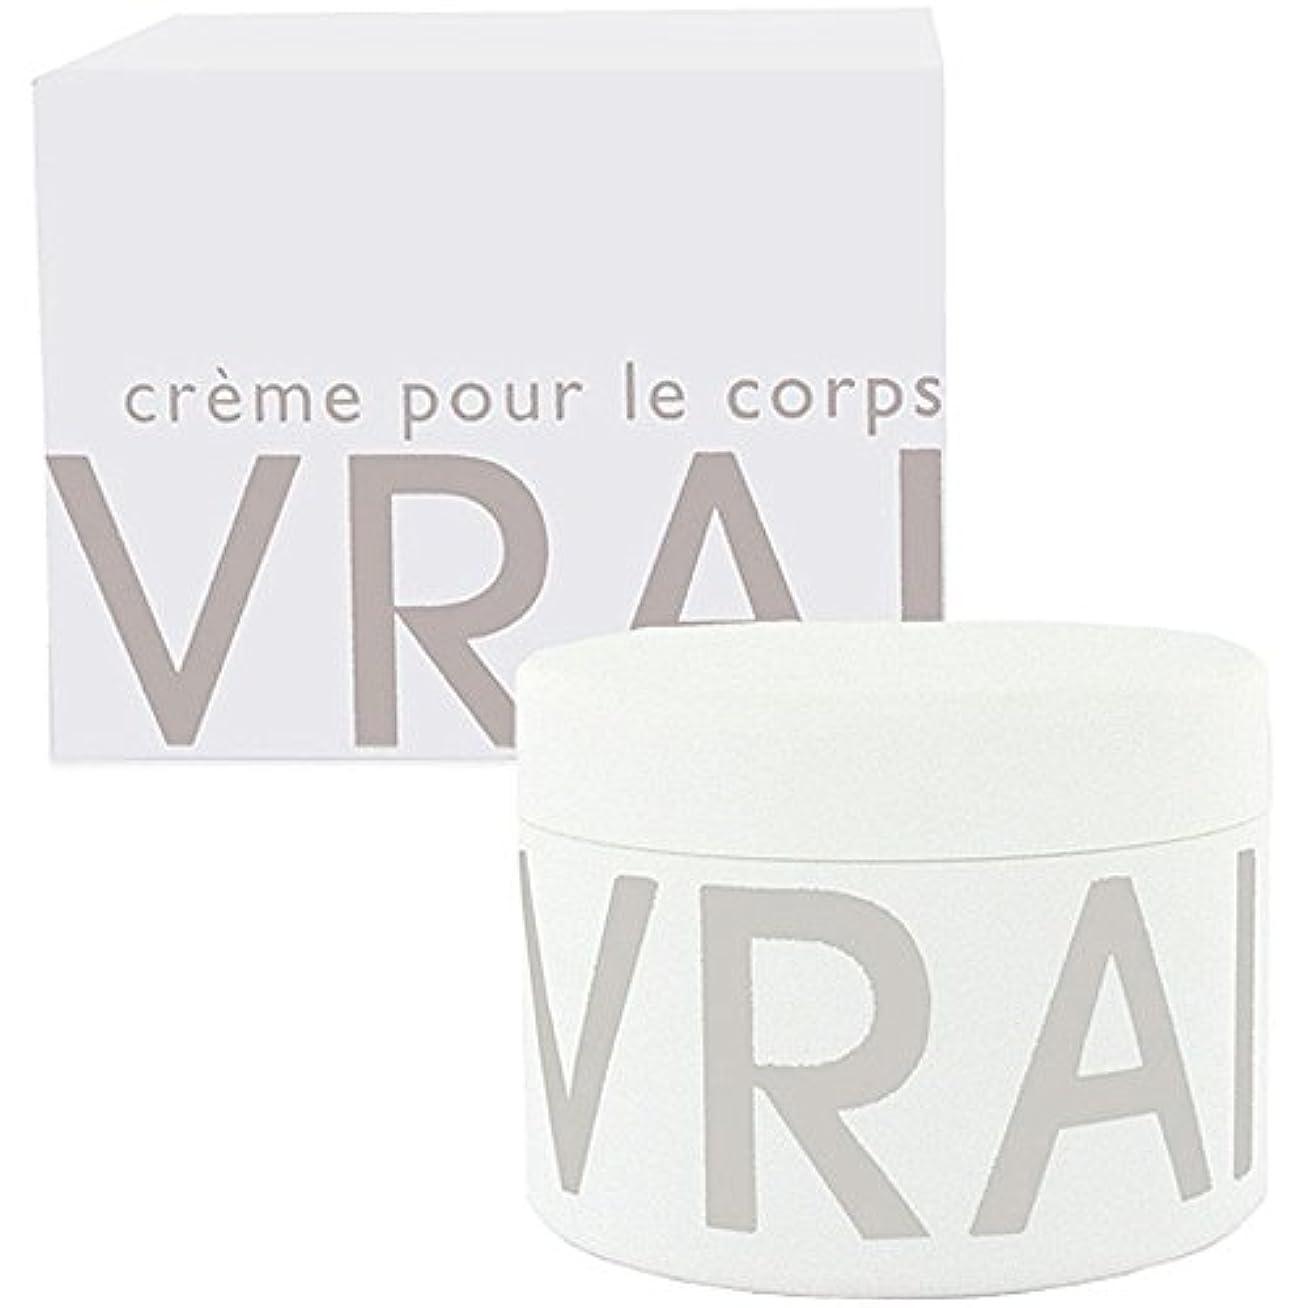 壁紙アーチ増強するFragonard BRAI (フラゴナール ブライ) 6.7 oz (200ml) Luxurious Body Cream